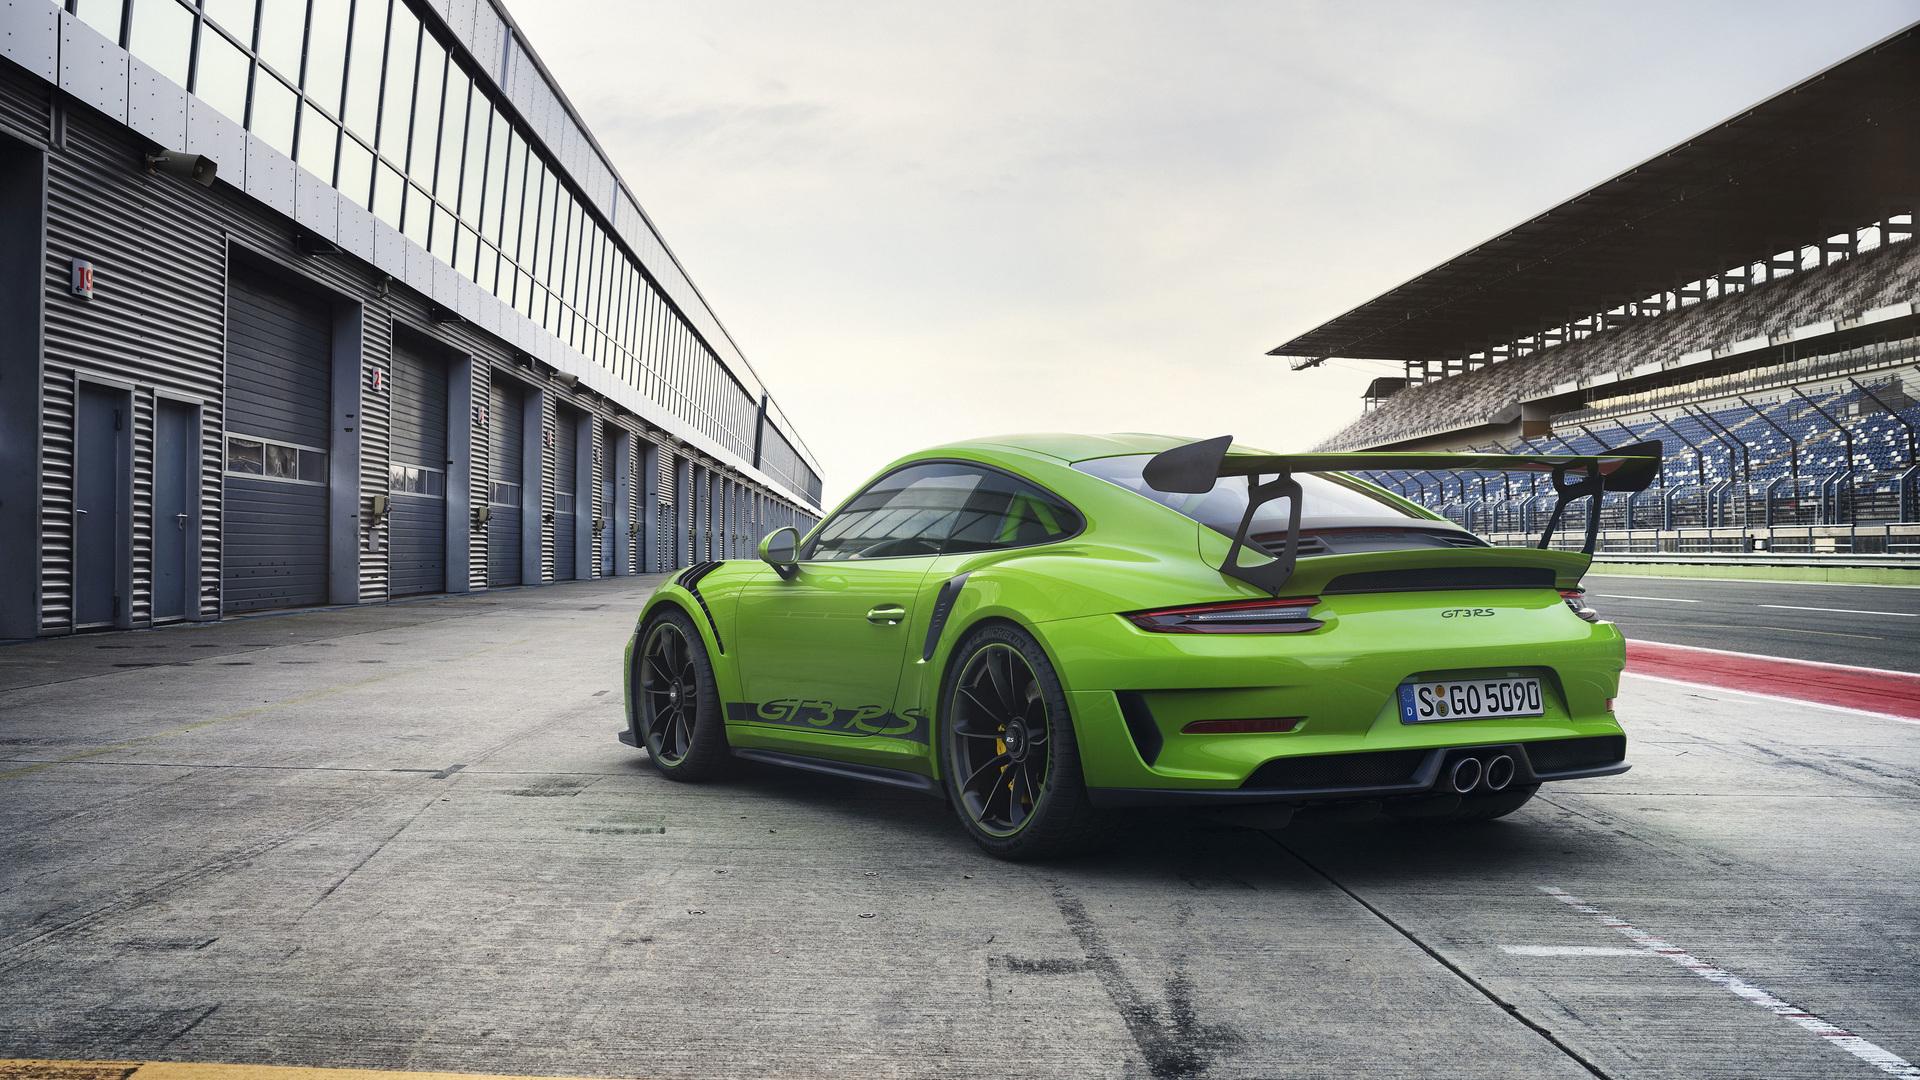 Porsche Hd Wallpapers 1080p: 1920x1080 Porsche 911 GT3 RS 2018 Rear Laptop Full HD